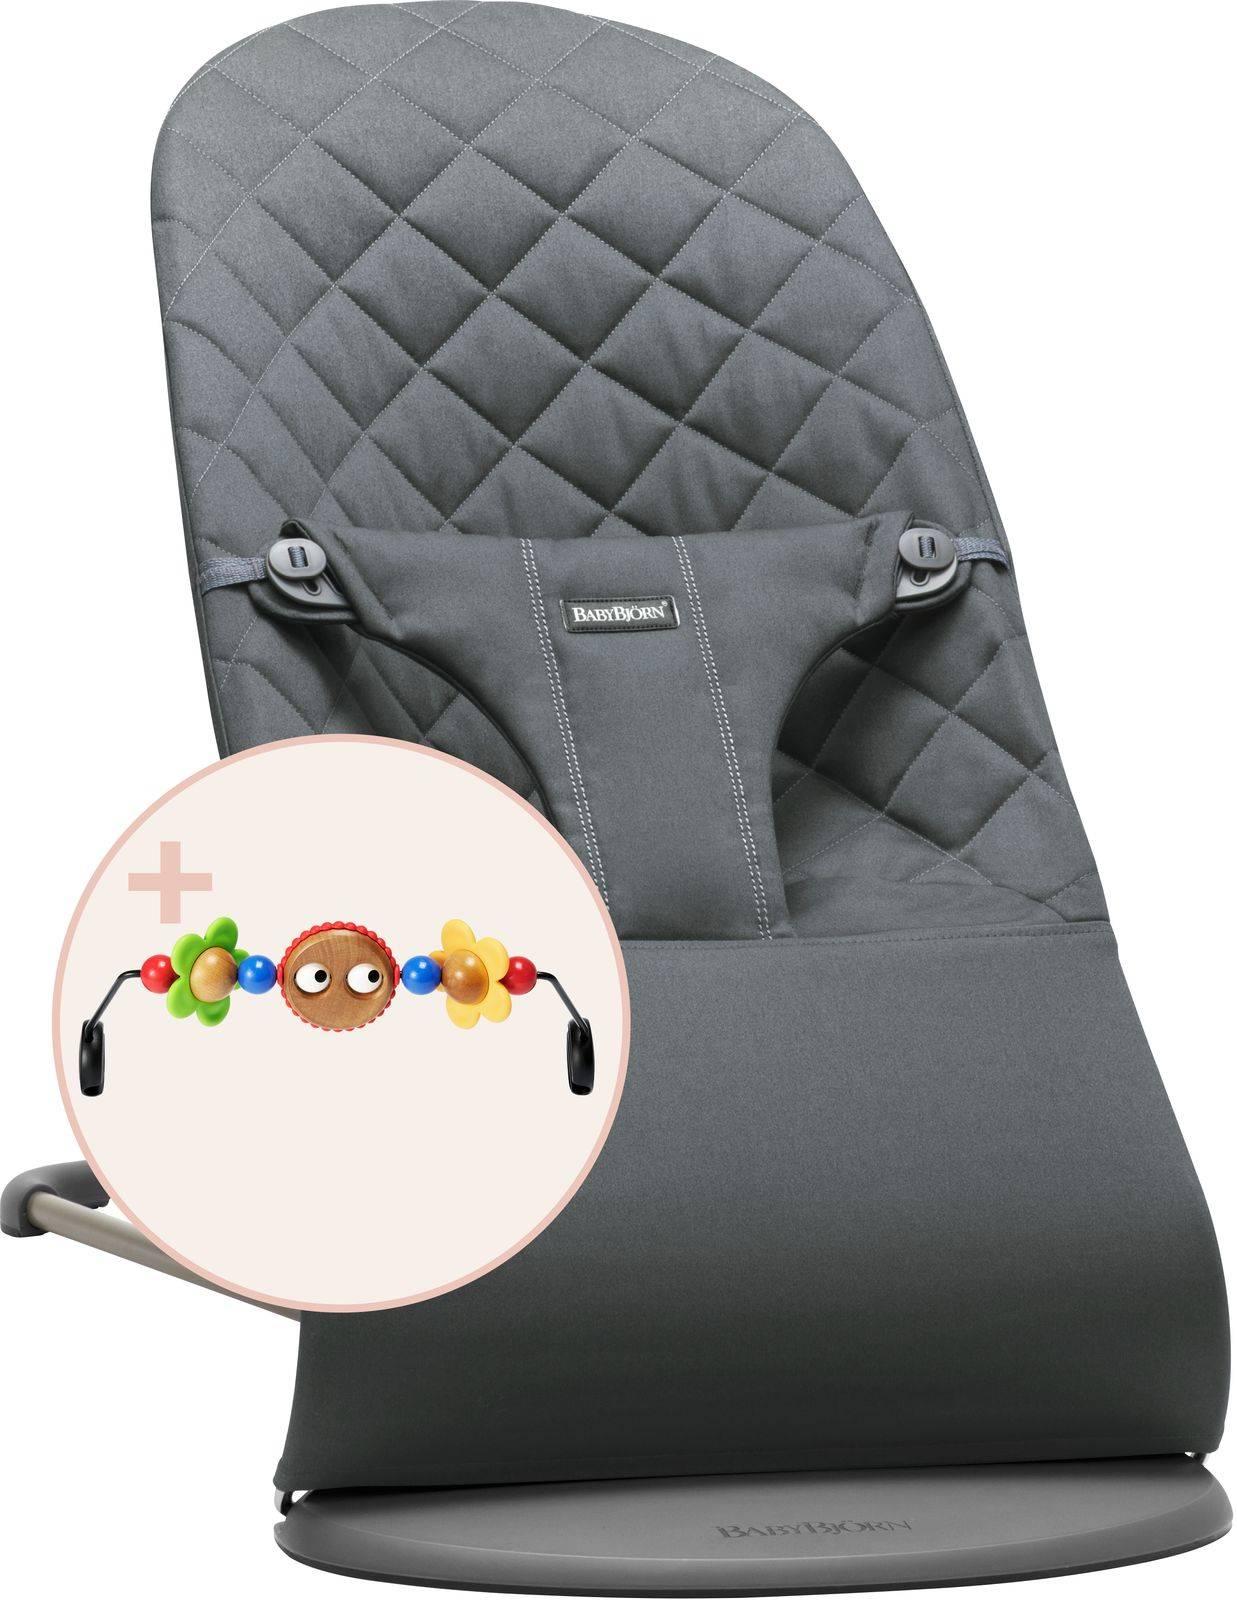 BABYBJORN - leżaczek BLISS - Antracytowy + Zabawka